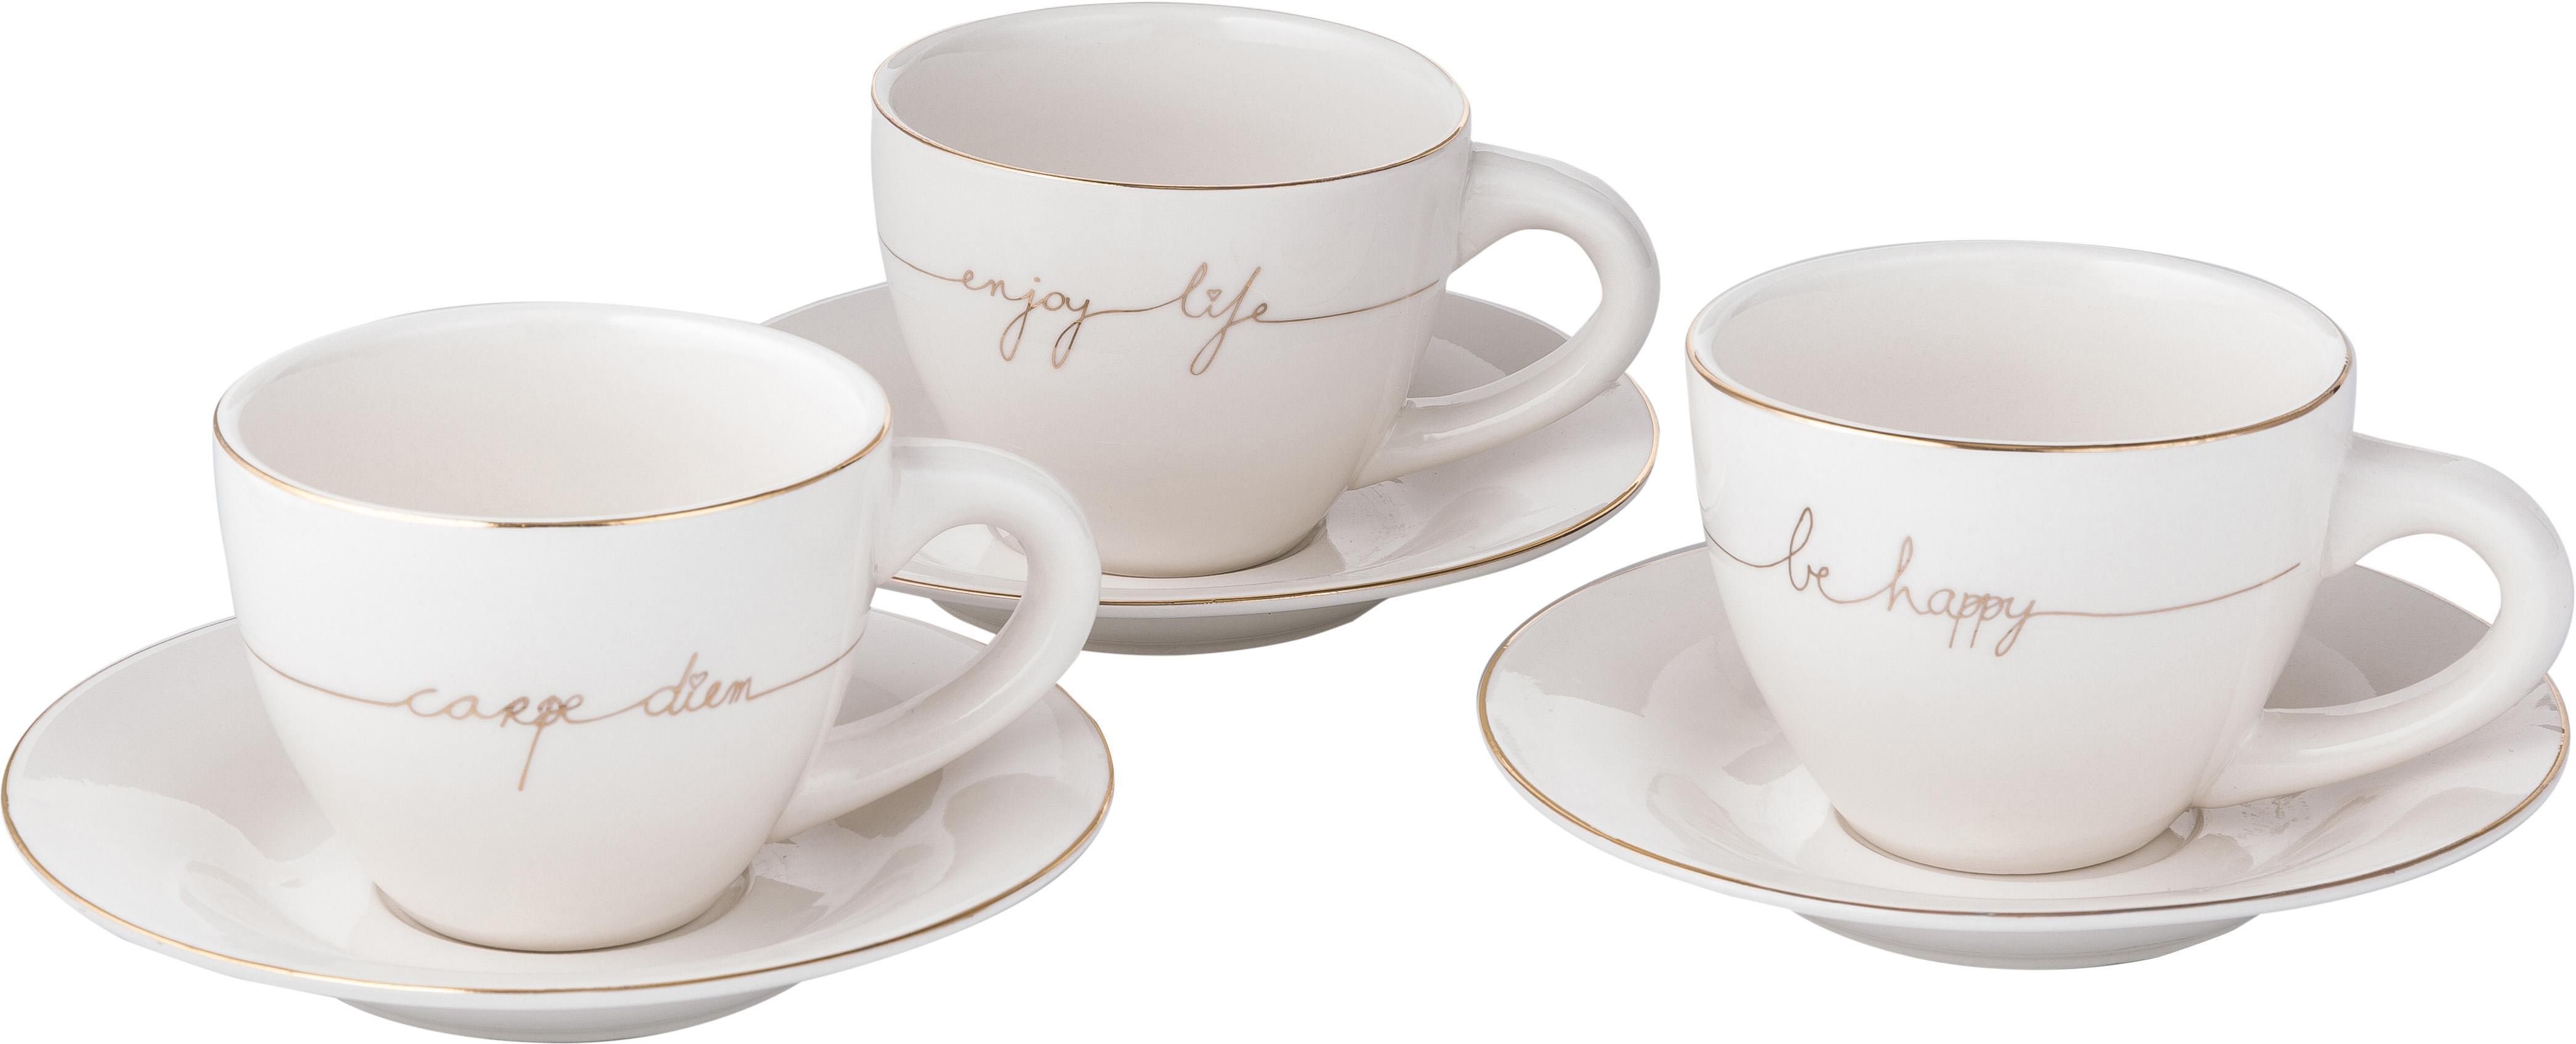 Komplet filiżanek ze spodkiem Happy, 6 elem., Porcelana, Biały, odcienie złotego, Ø 15 x W 8 cm